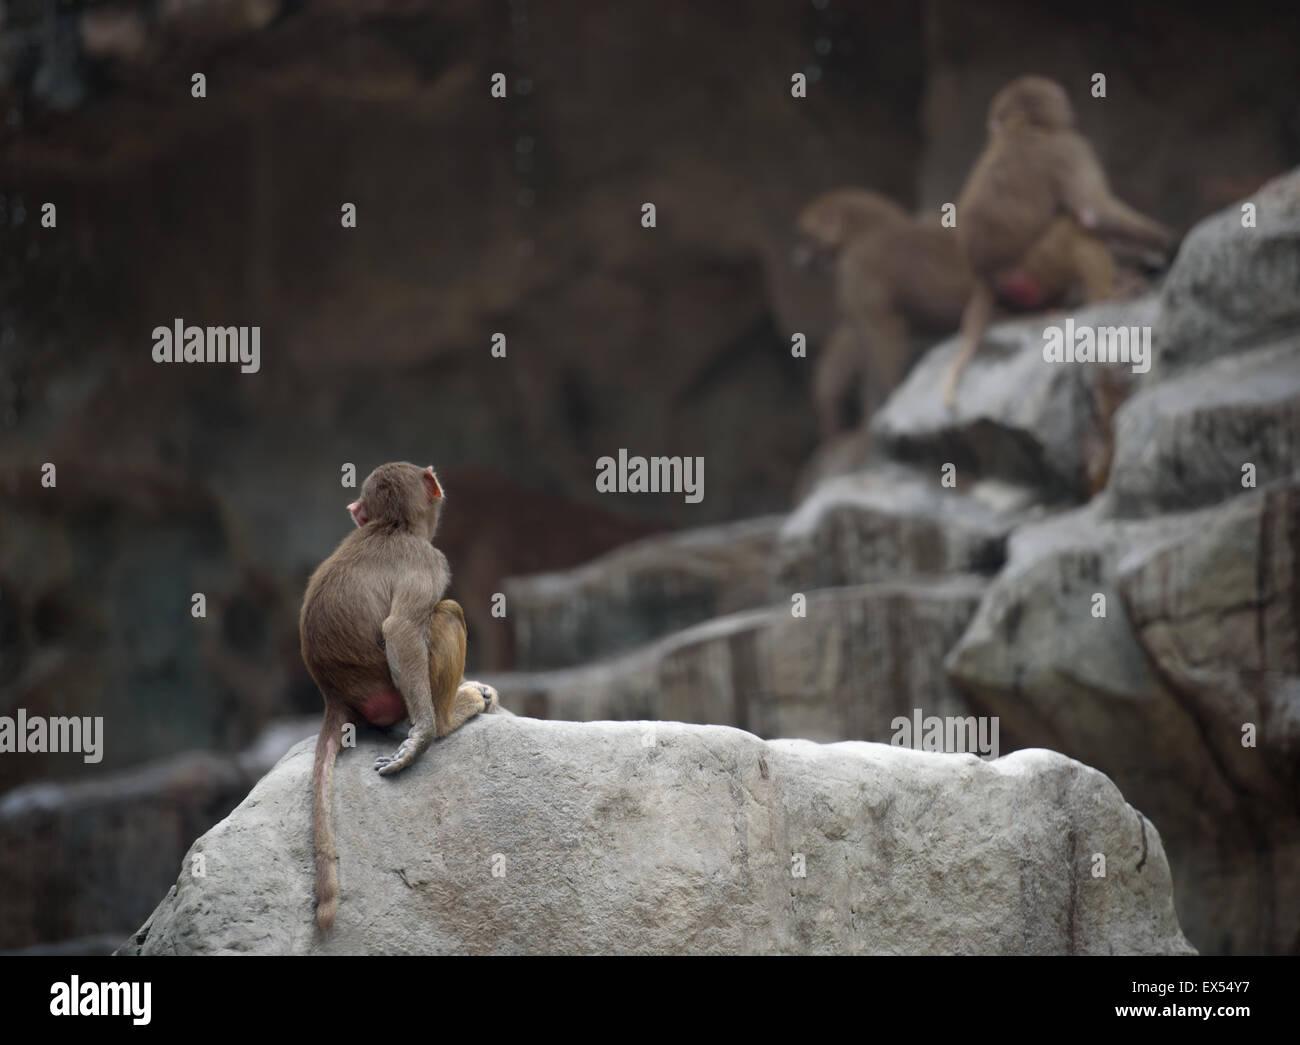 Bébé singe de Hamadryas baboon assis dans une pose triste et solitaire Photo Stock